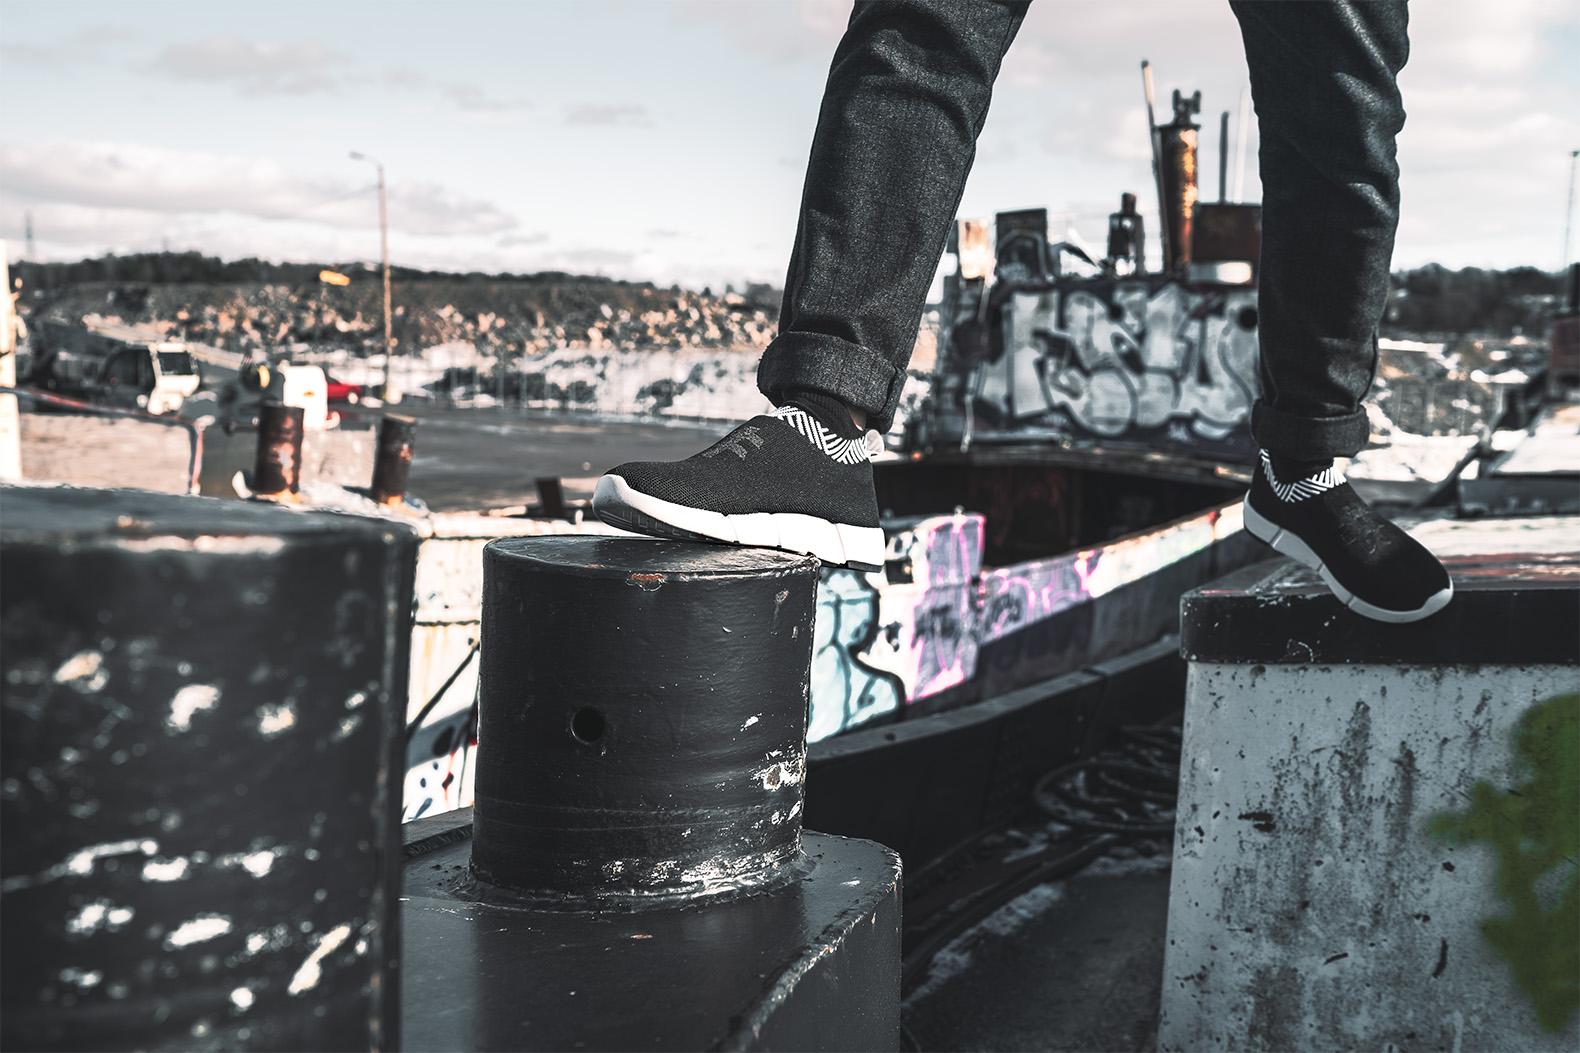 Kaum zu glauben, dass die Schuhe zu großen Teilen aus Kaffee sind... (Foto: Rens)